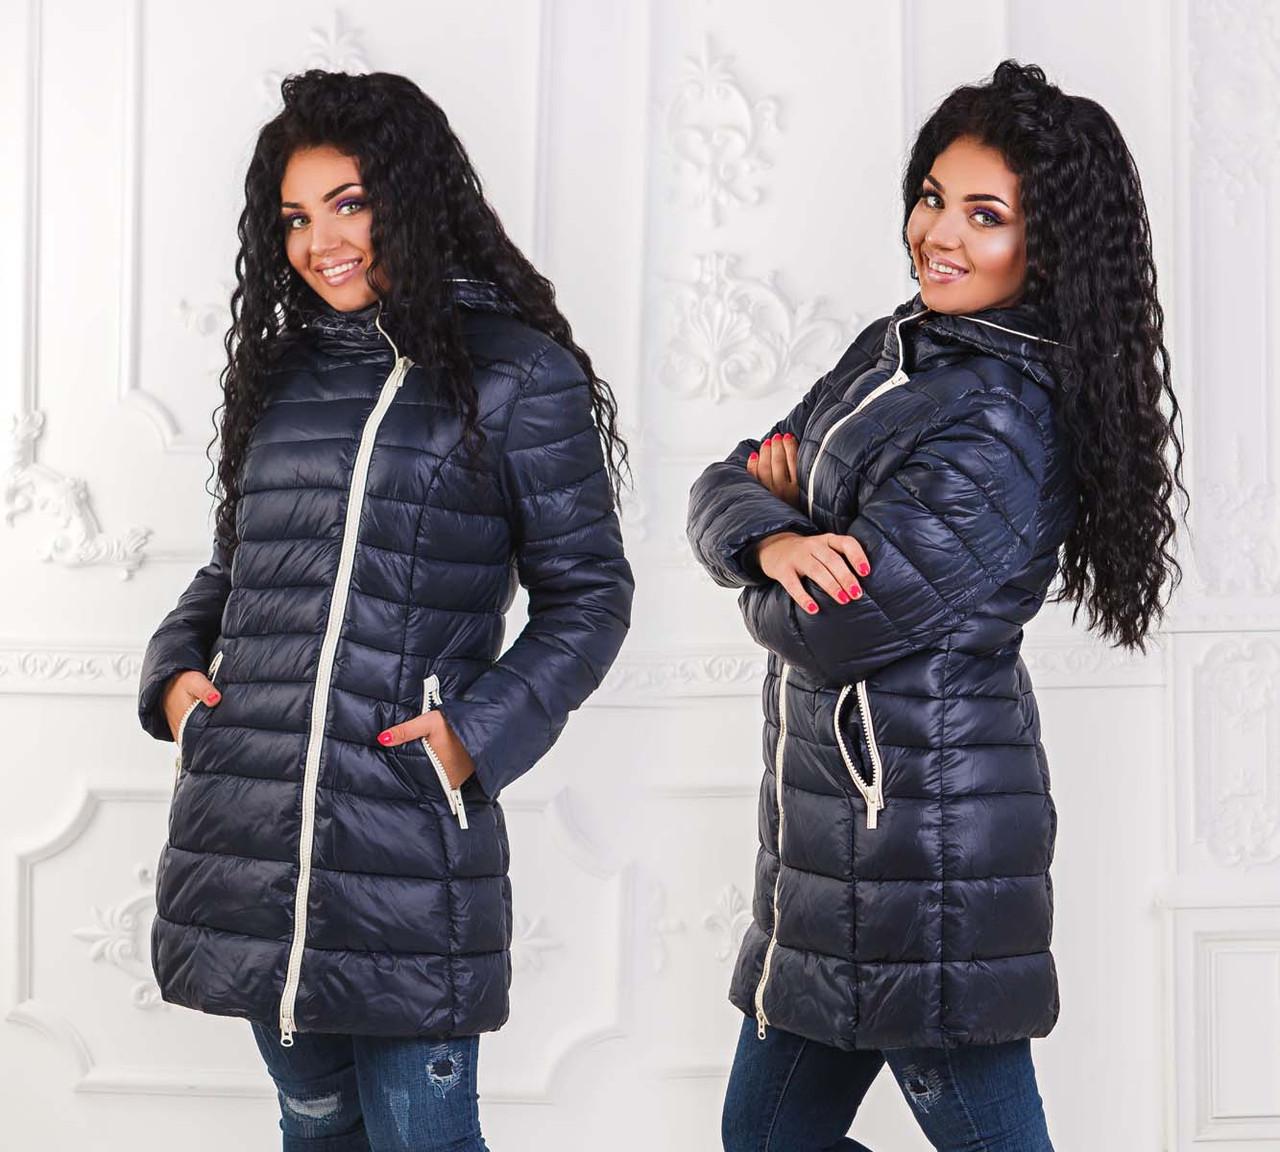 Зимняя женская куртка холлофайбер в больших размерах (DG-с2951)